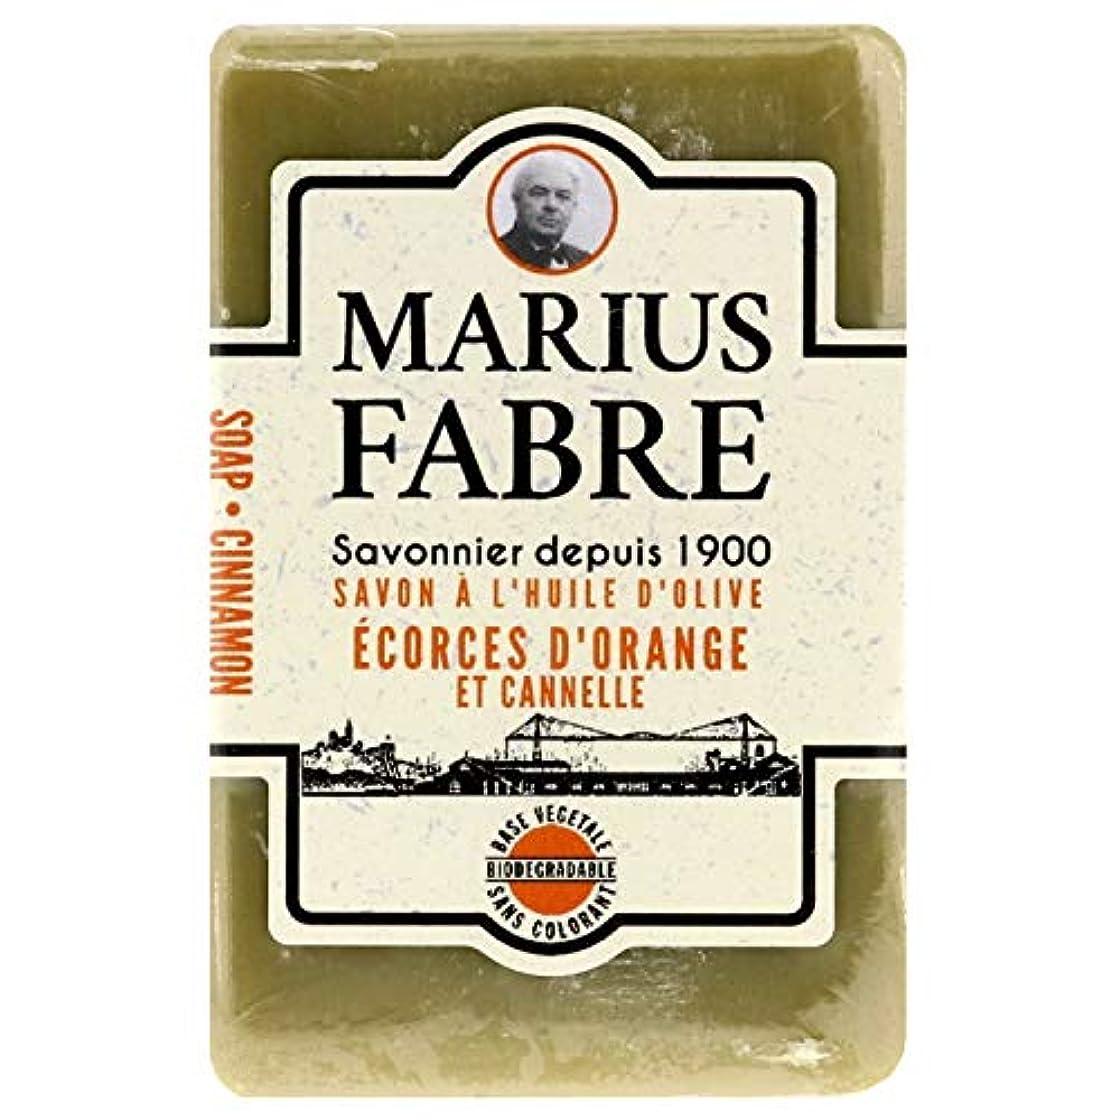 こんにちはペック食料品店サボンドマルセイユ 1900 シナモンオレンジ 150g